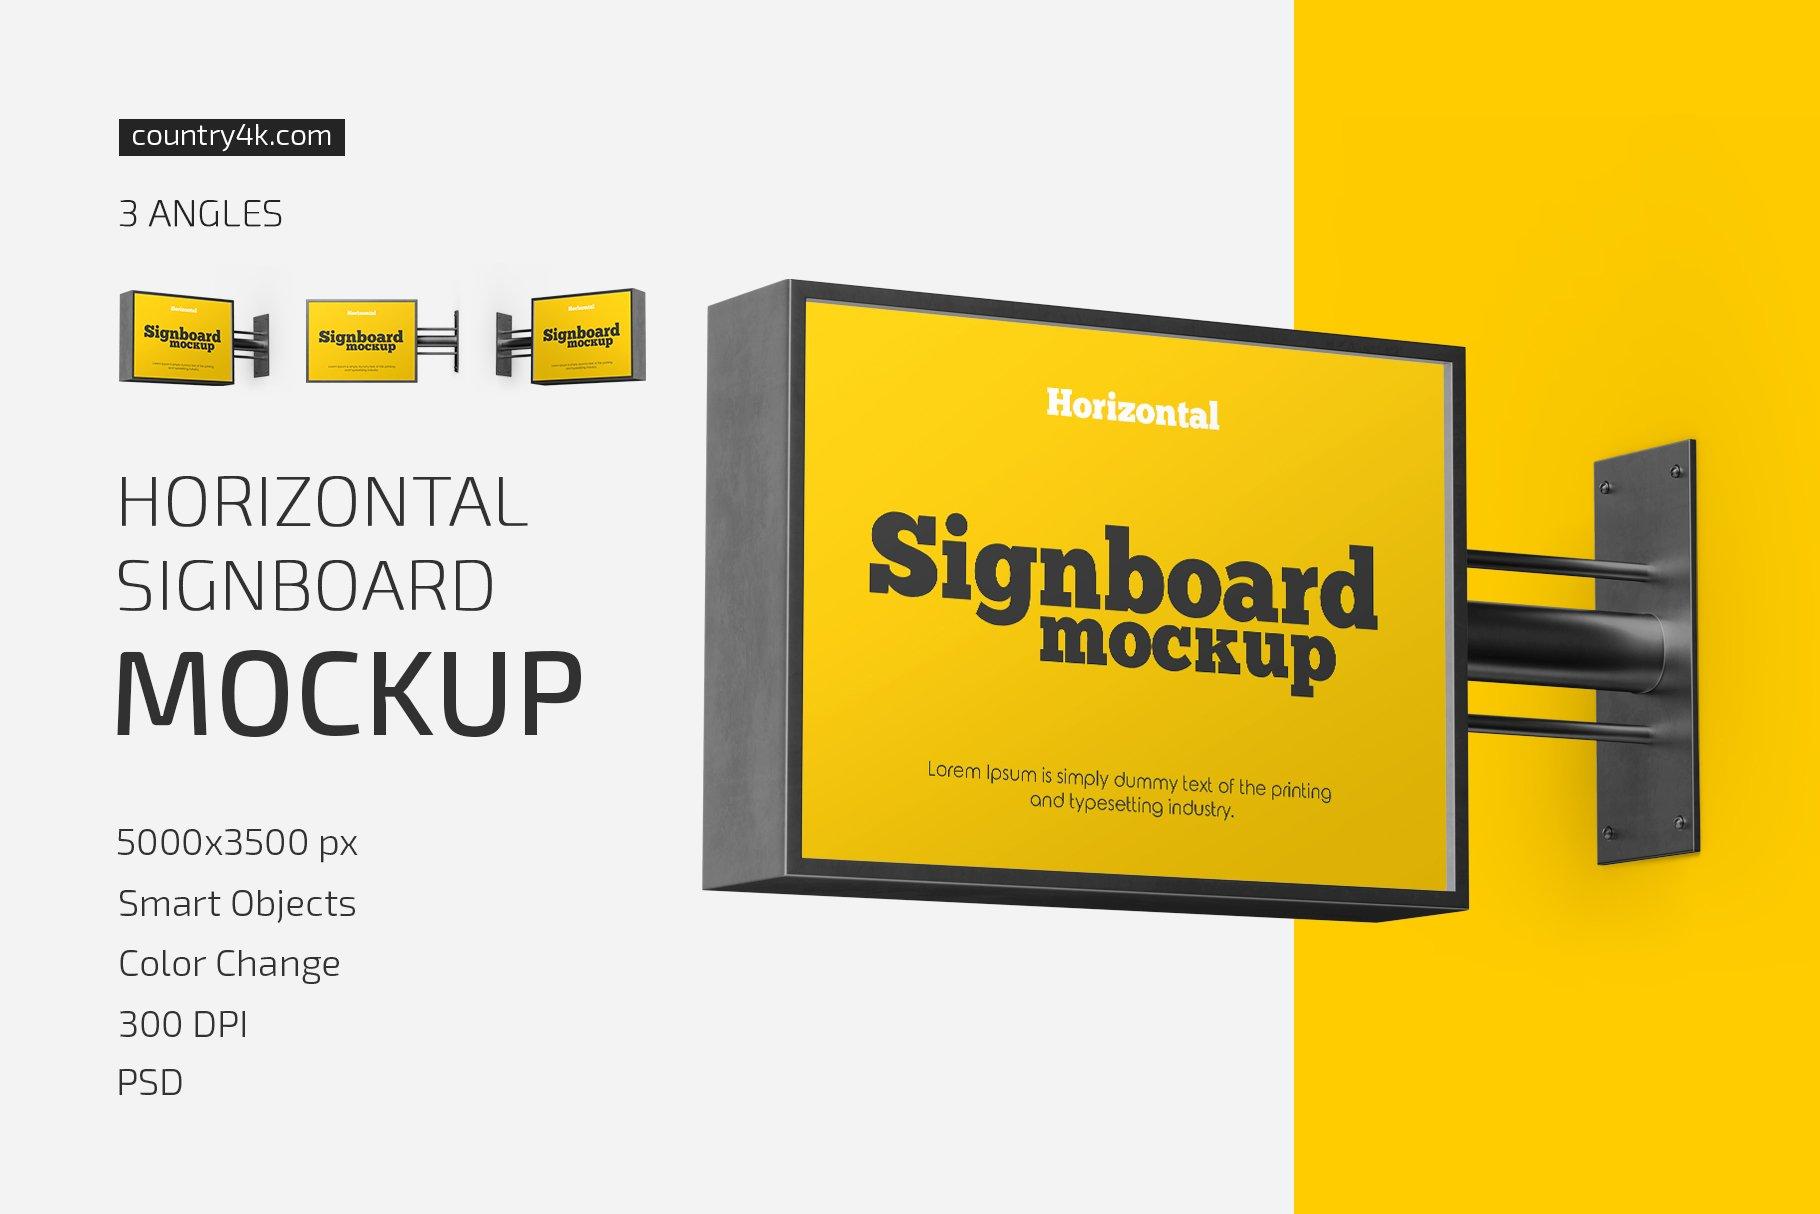 横版店招标牌招牌设计展示样机合集 Horizontal Signboard Mockup Set插图